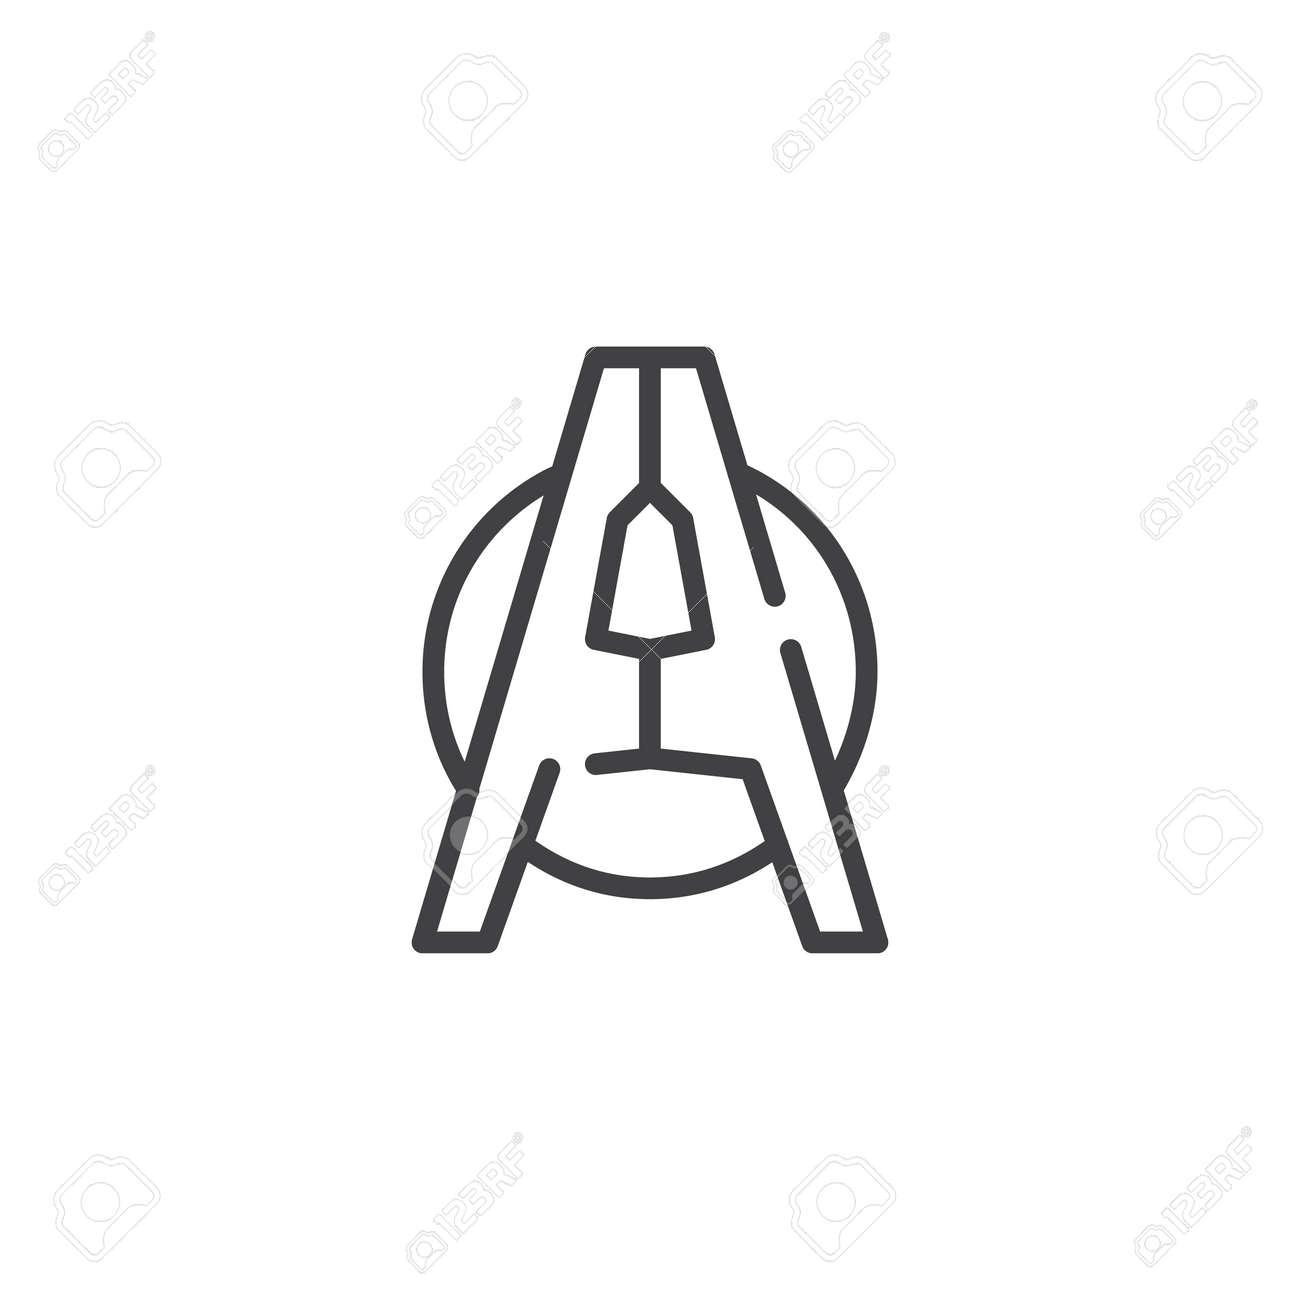 Ziemlich Symbol Der Drossel Zeitgenössisch - Der Schaltplan - greigo.com